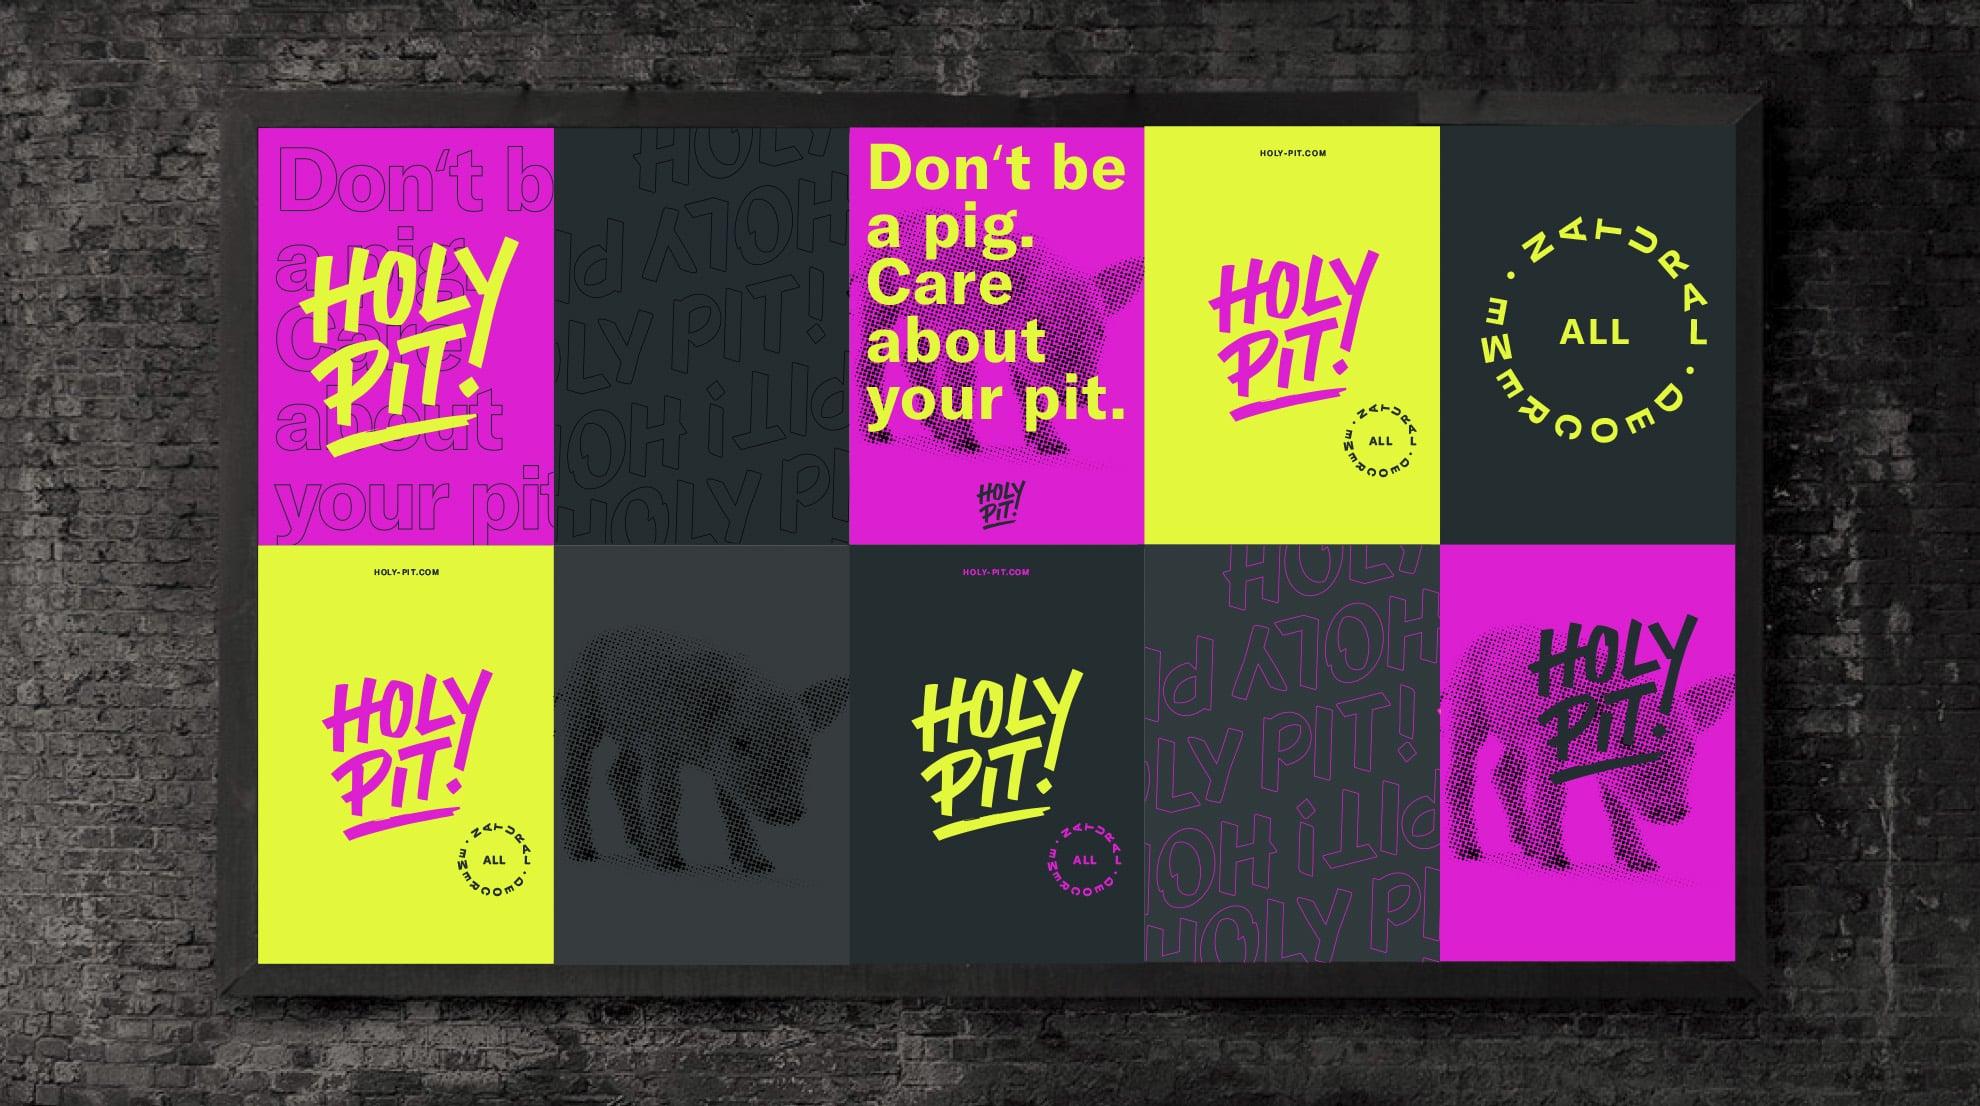 HolyPit! Branding Poster